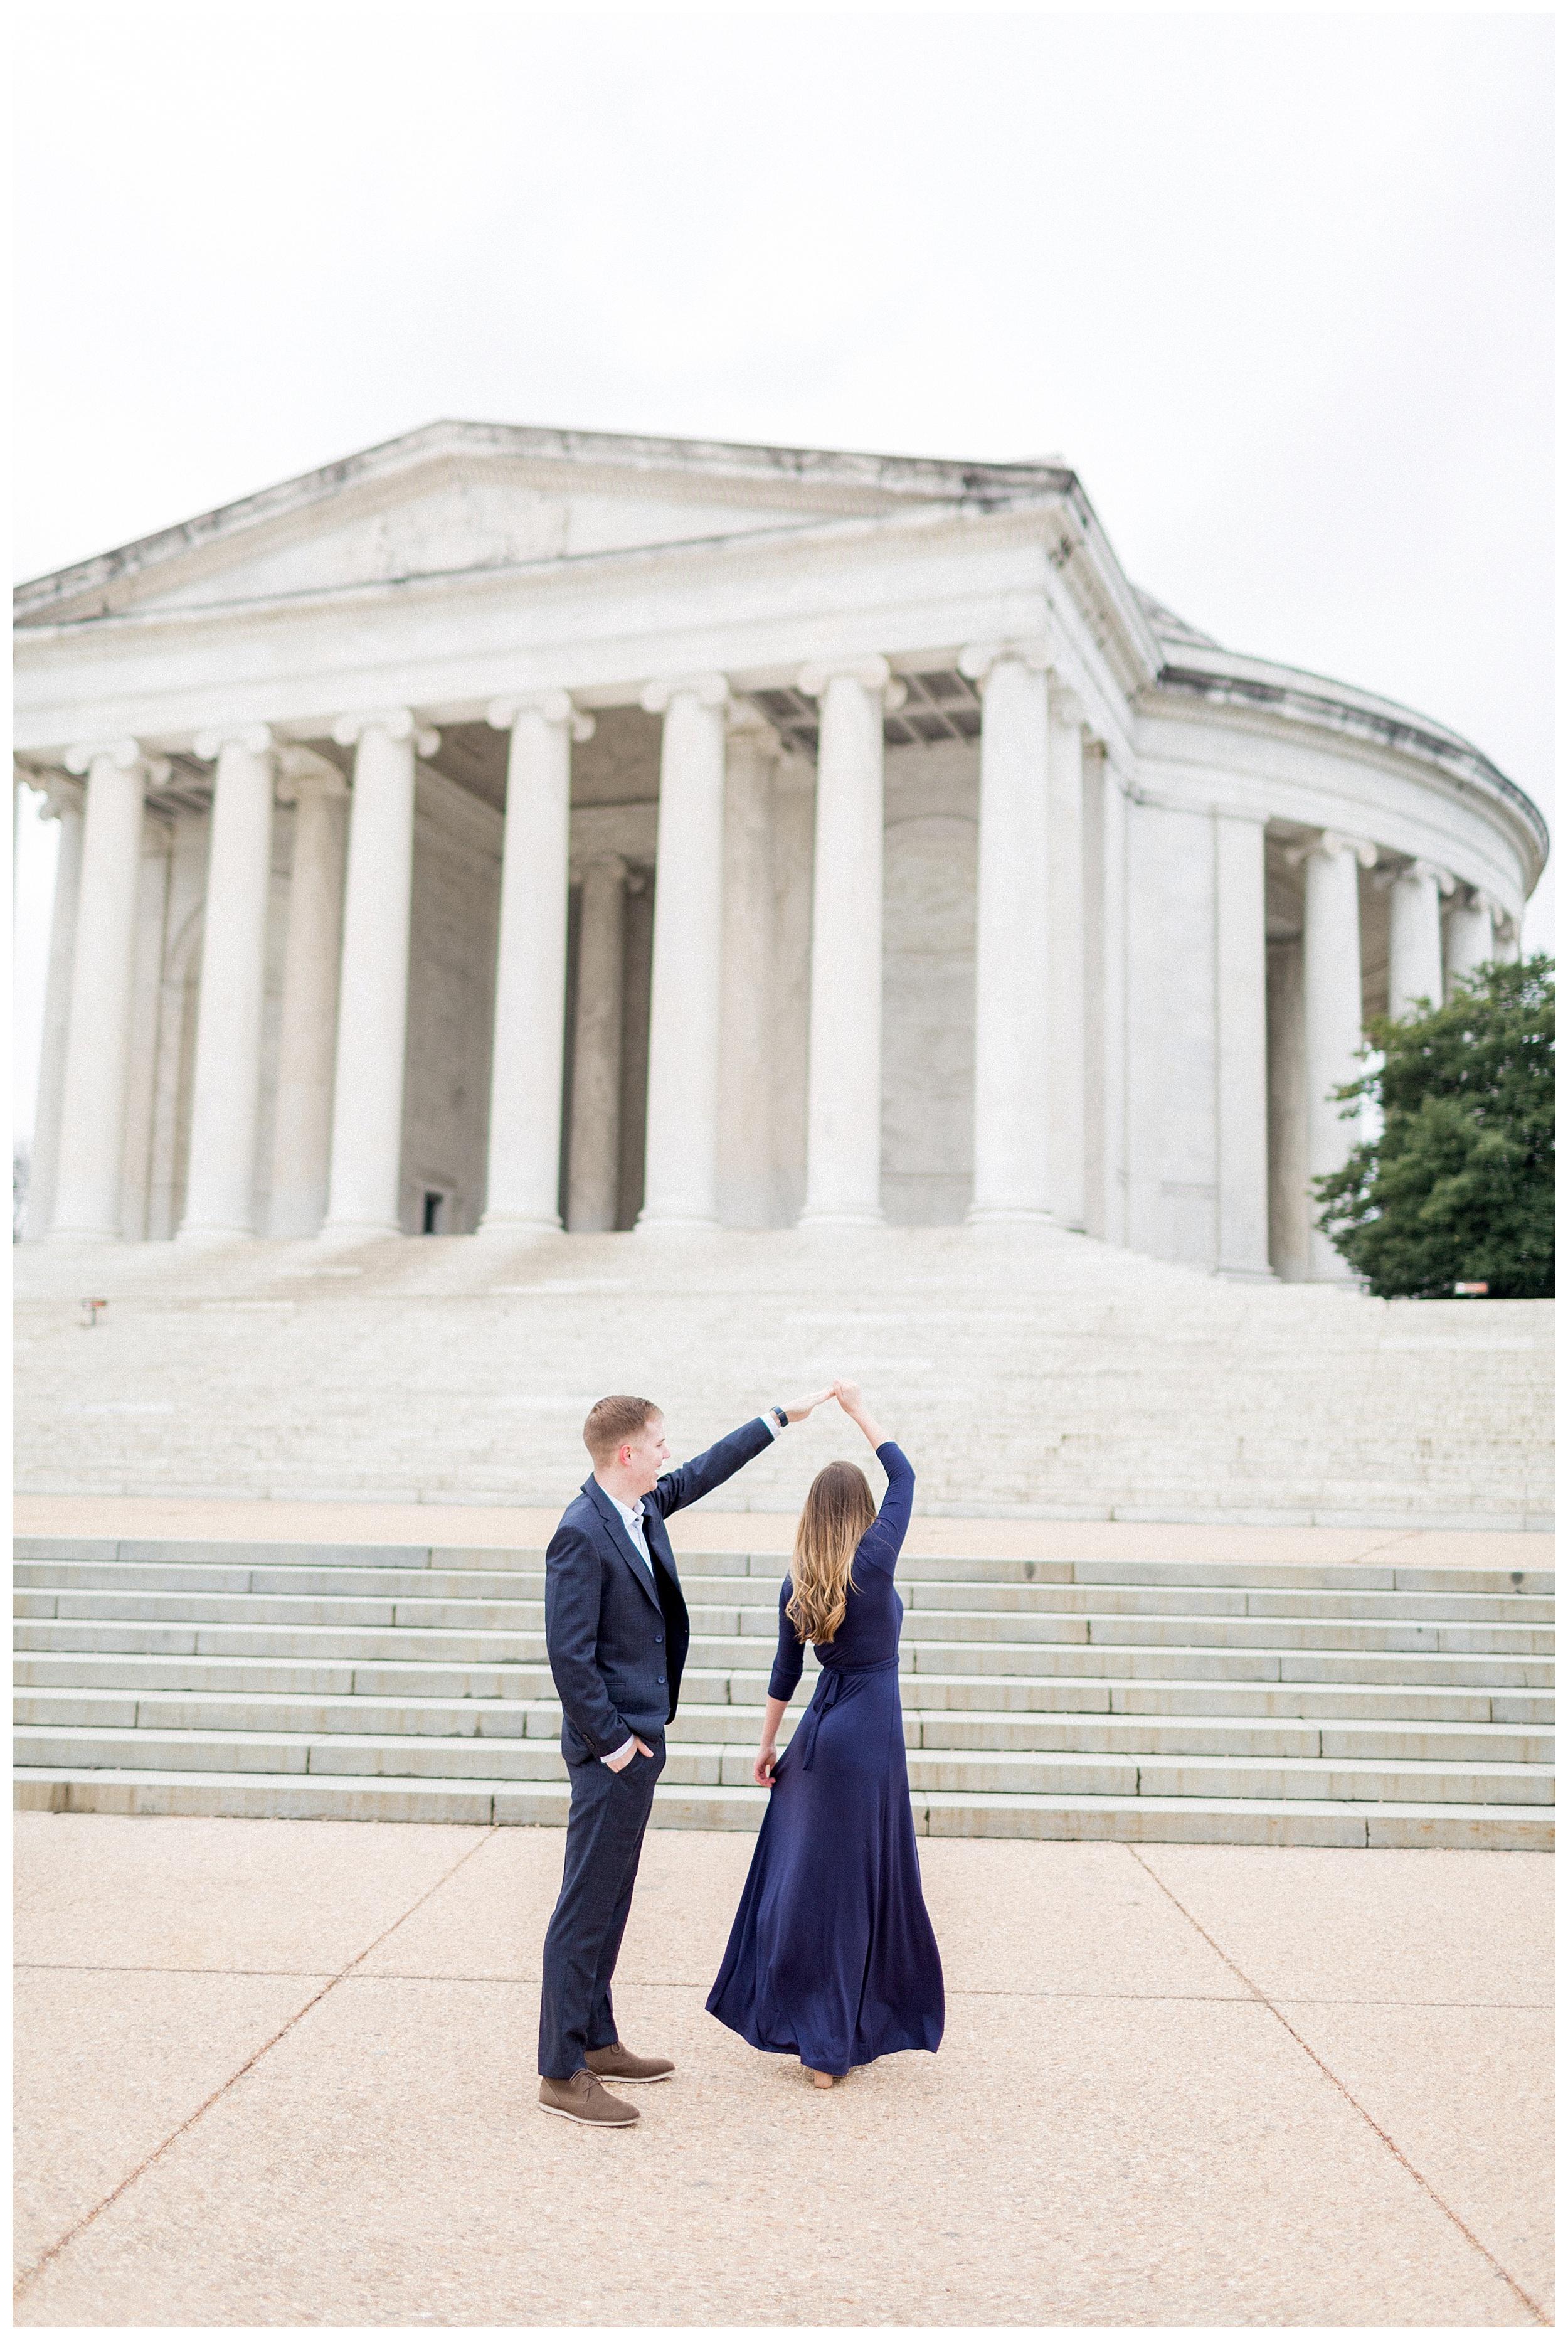 Washingon DC Engagement Photos | Jefferson Memorial Engagement | Kir Tuben_0010.jpg